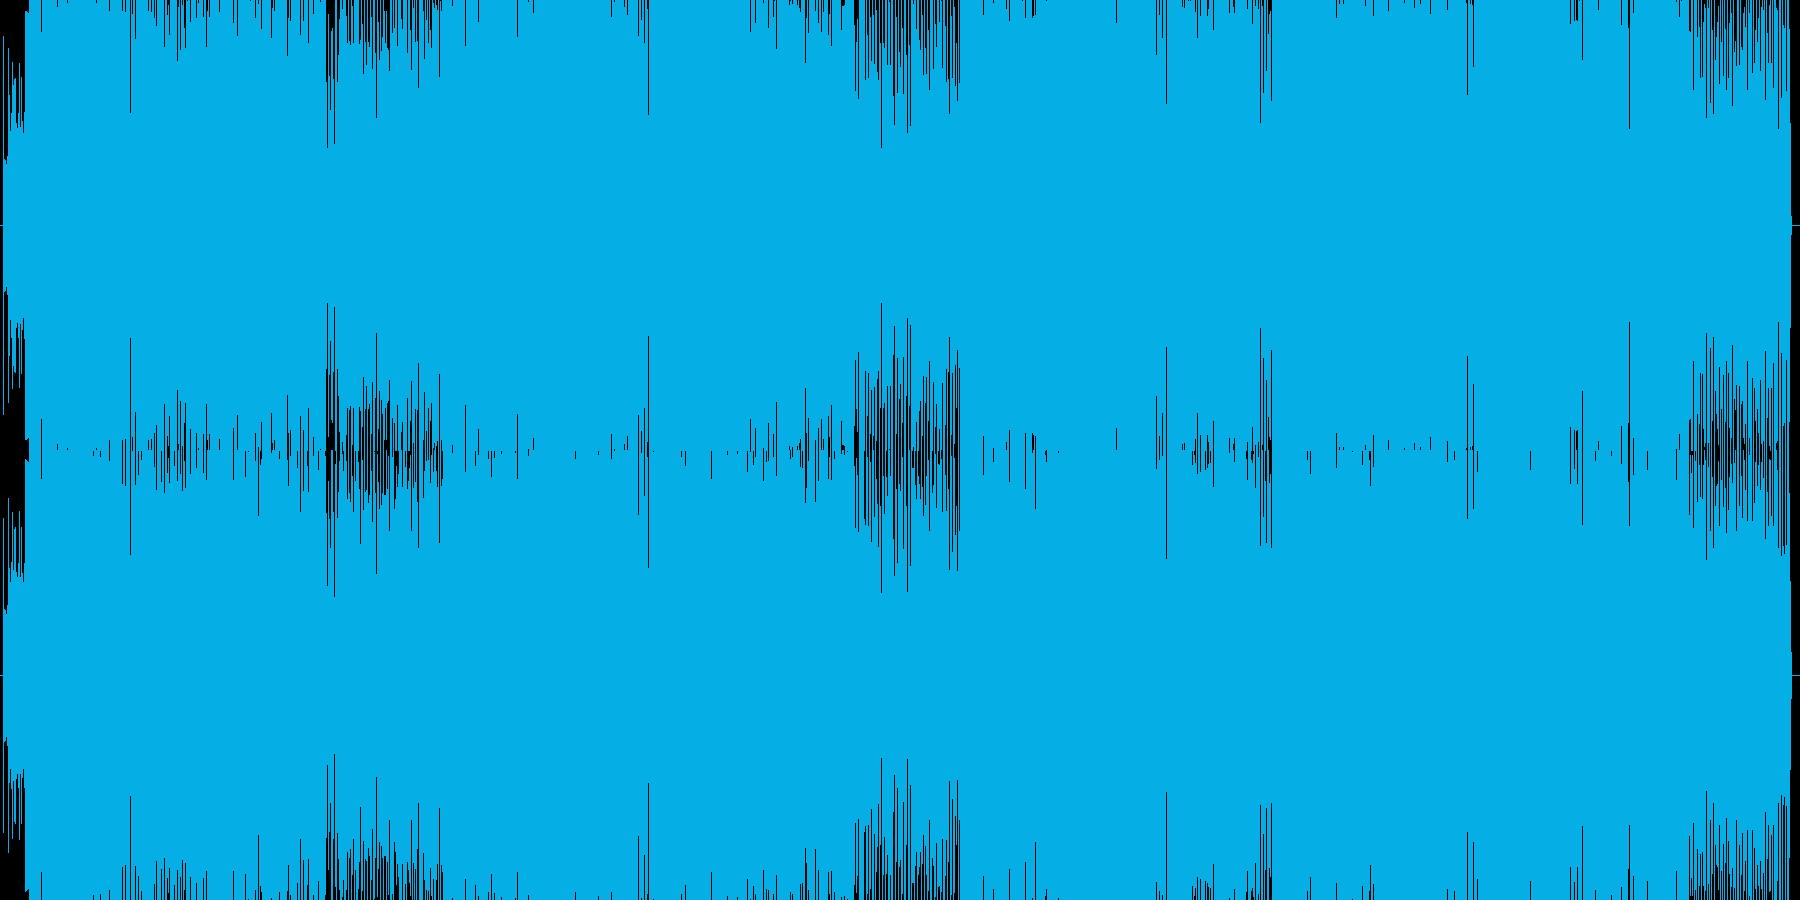 お洒落系イントロのエレクトロギターポップの再生済みの波形